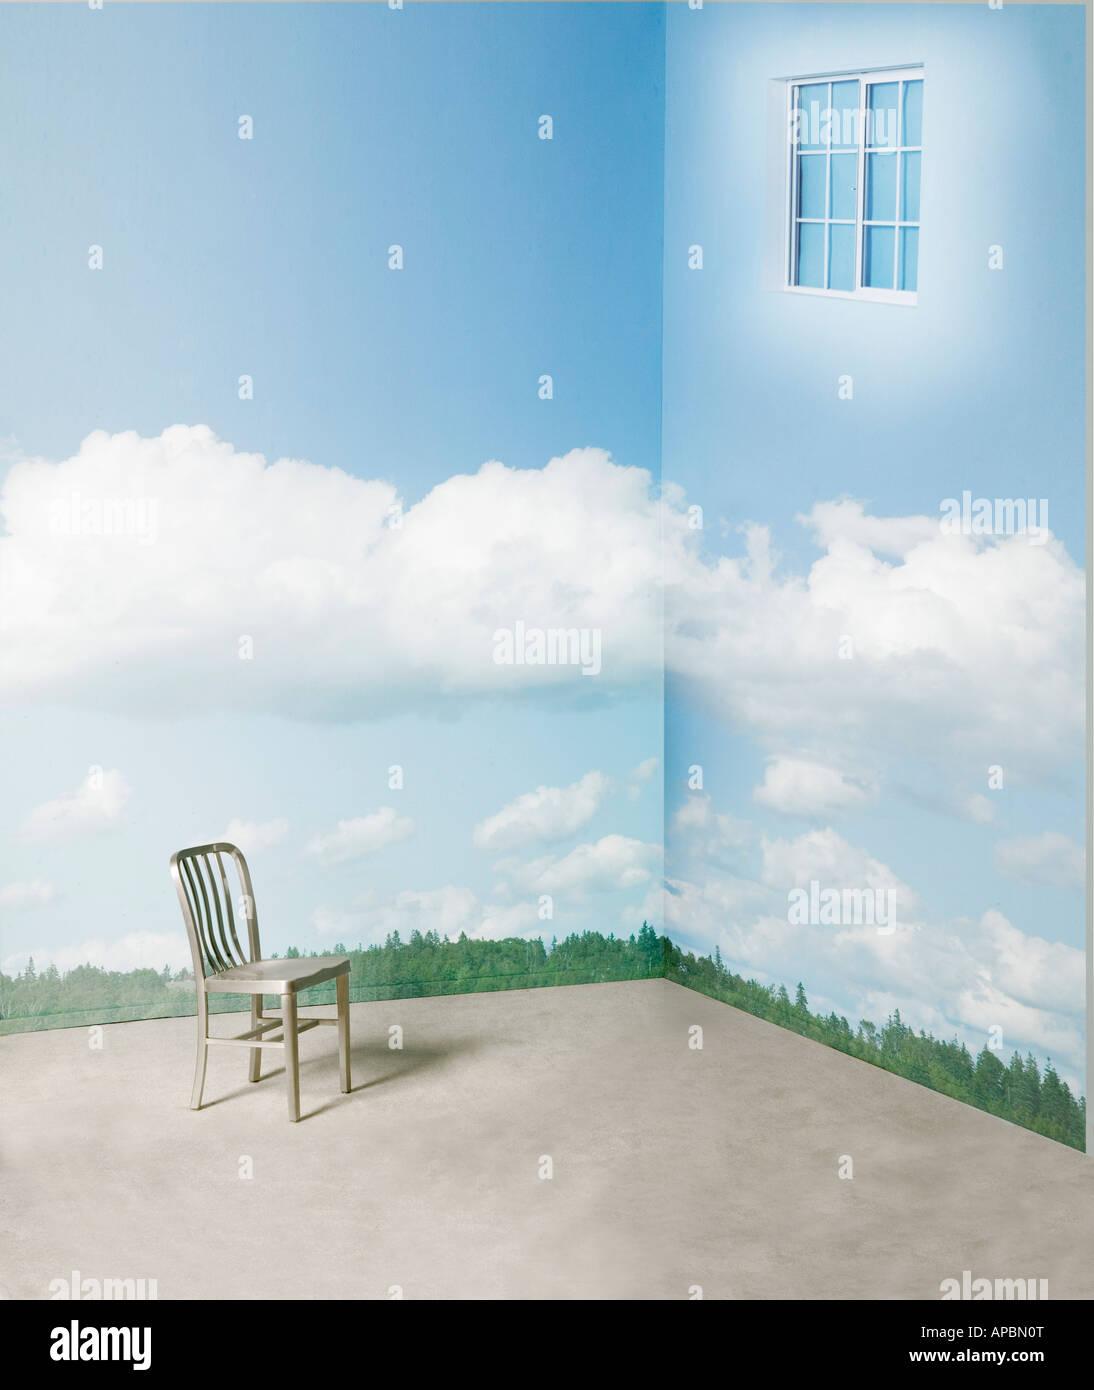 Les chaise dans coin de chambre avec fenêtre surréaliste et nuages sur mur day dream rêverie imagination Photo Stock